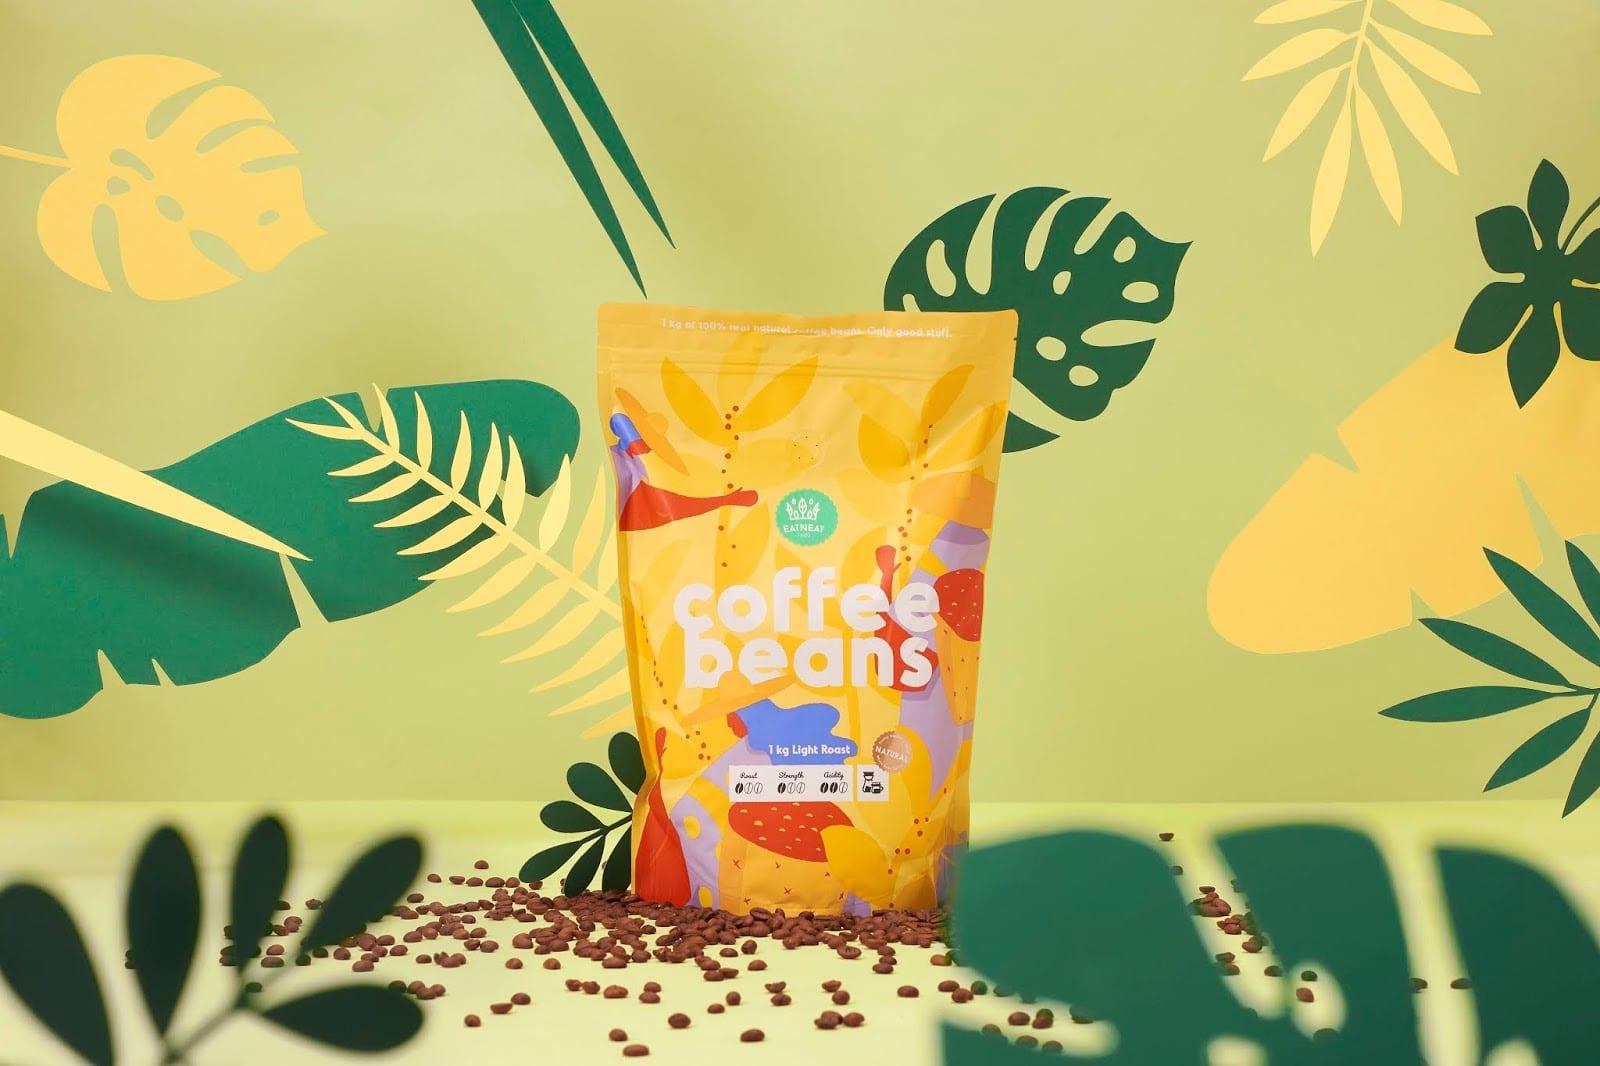 coffeebeans2 - Coffee Beans je nová značka kávy s hravým obalem